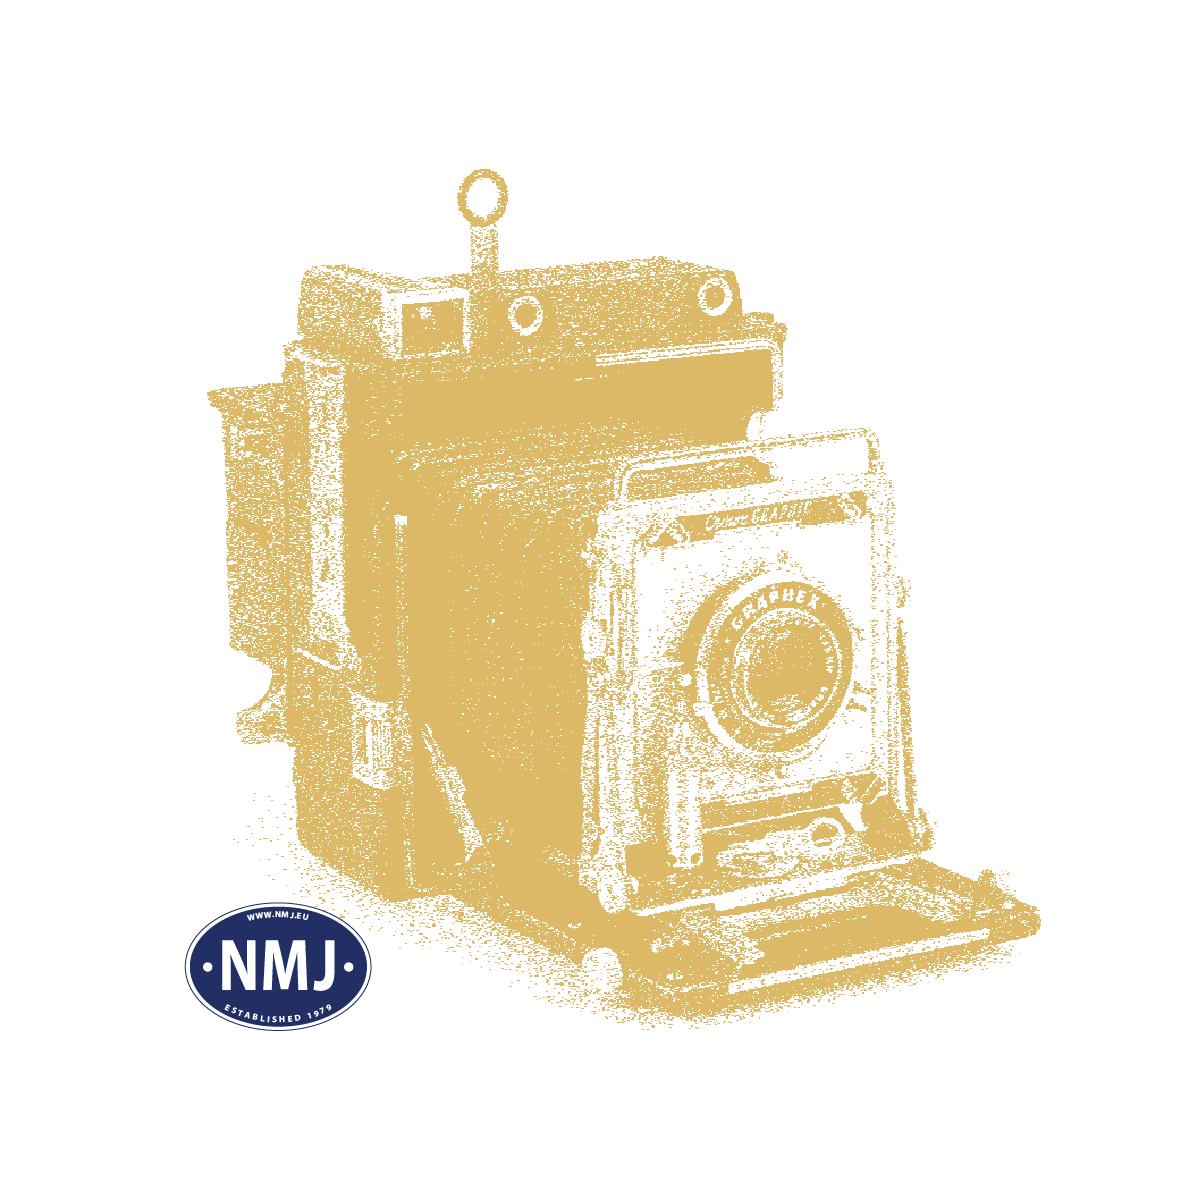 NMJT405.102 - NMJ Topline Bcmz 50-91 100-7 2.Kl Liegewagen der MAV